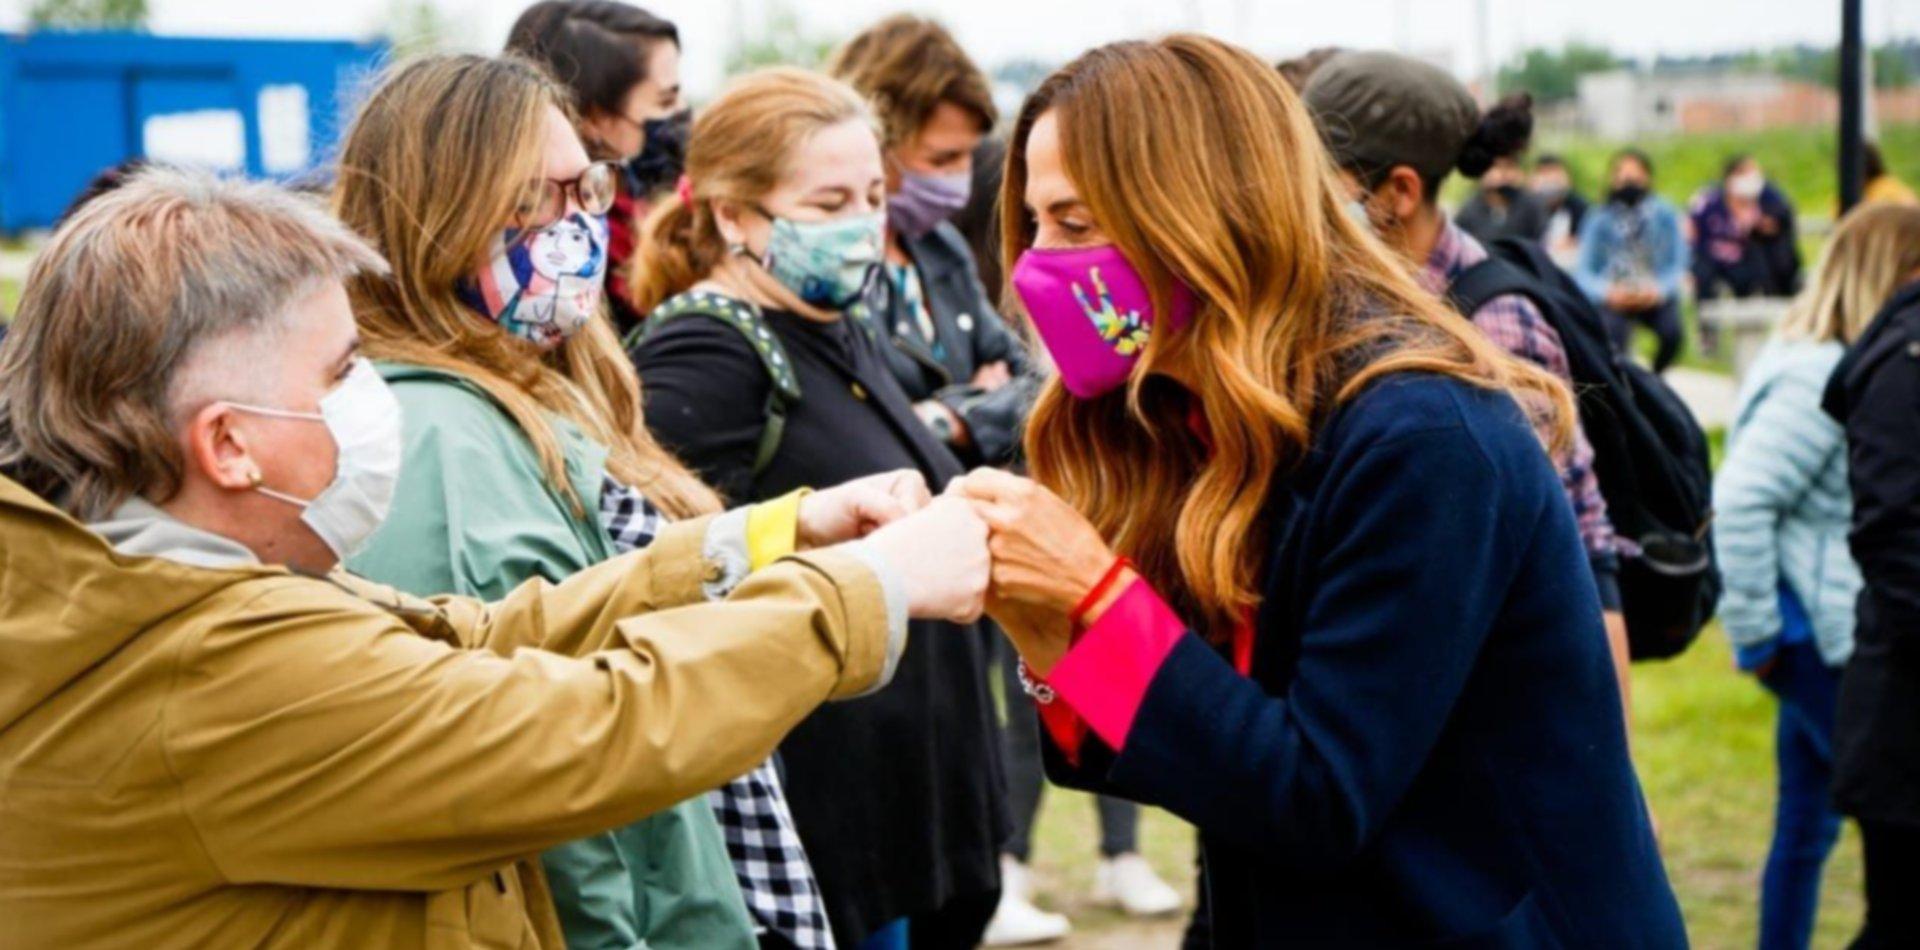 Tolosa Paz desembarcó en La Plata y siguió la campaña con una agenda feminista y de niñez